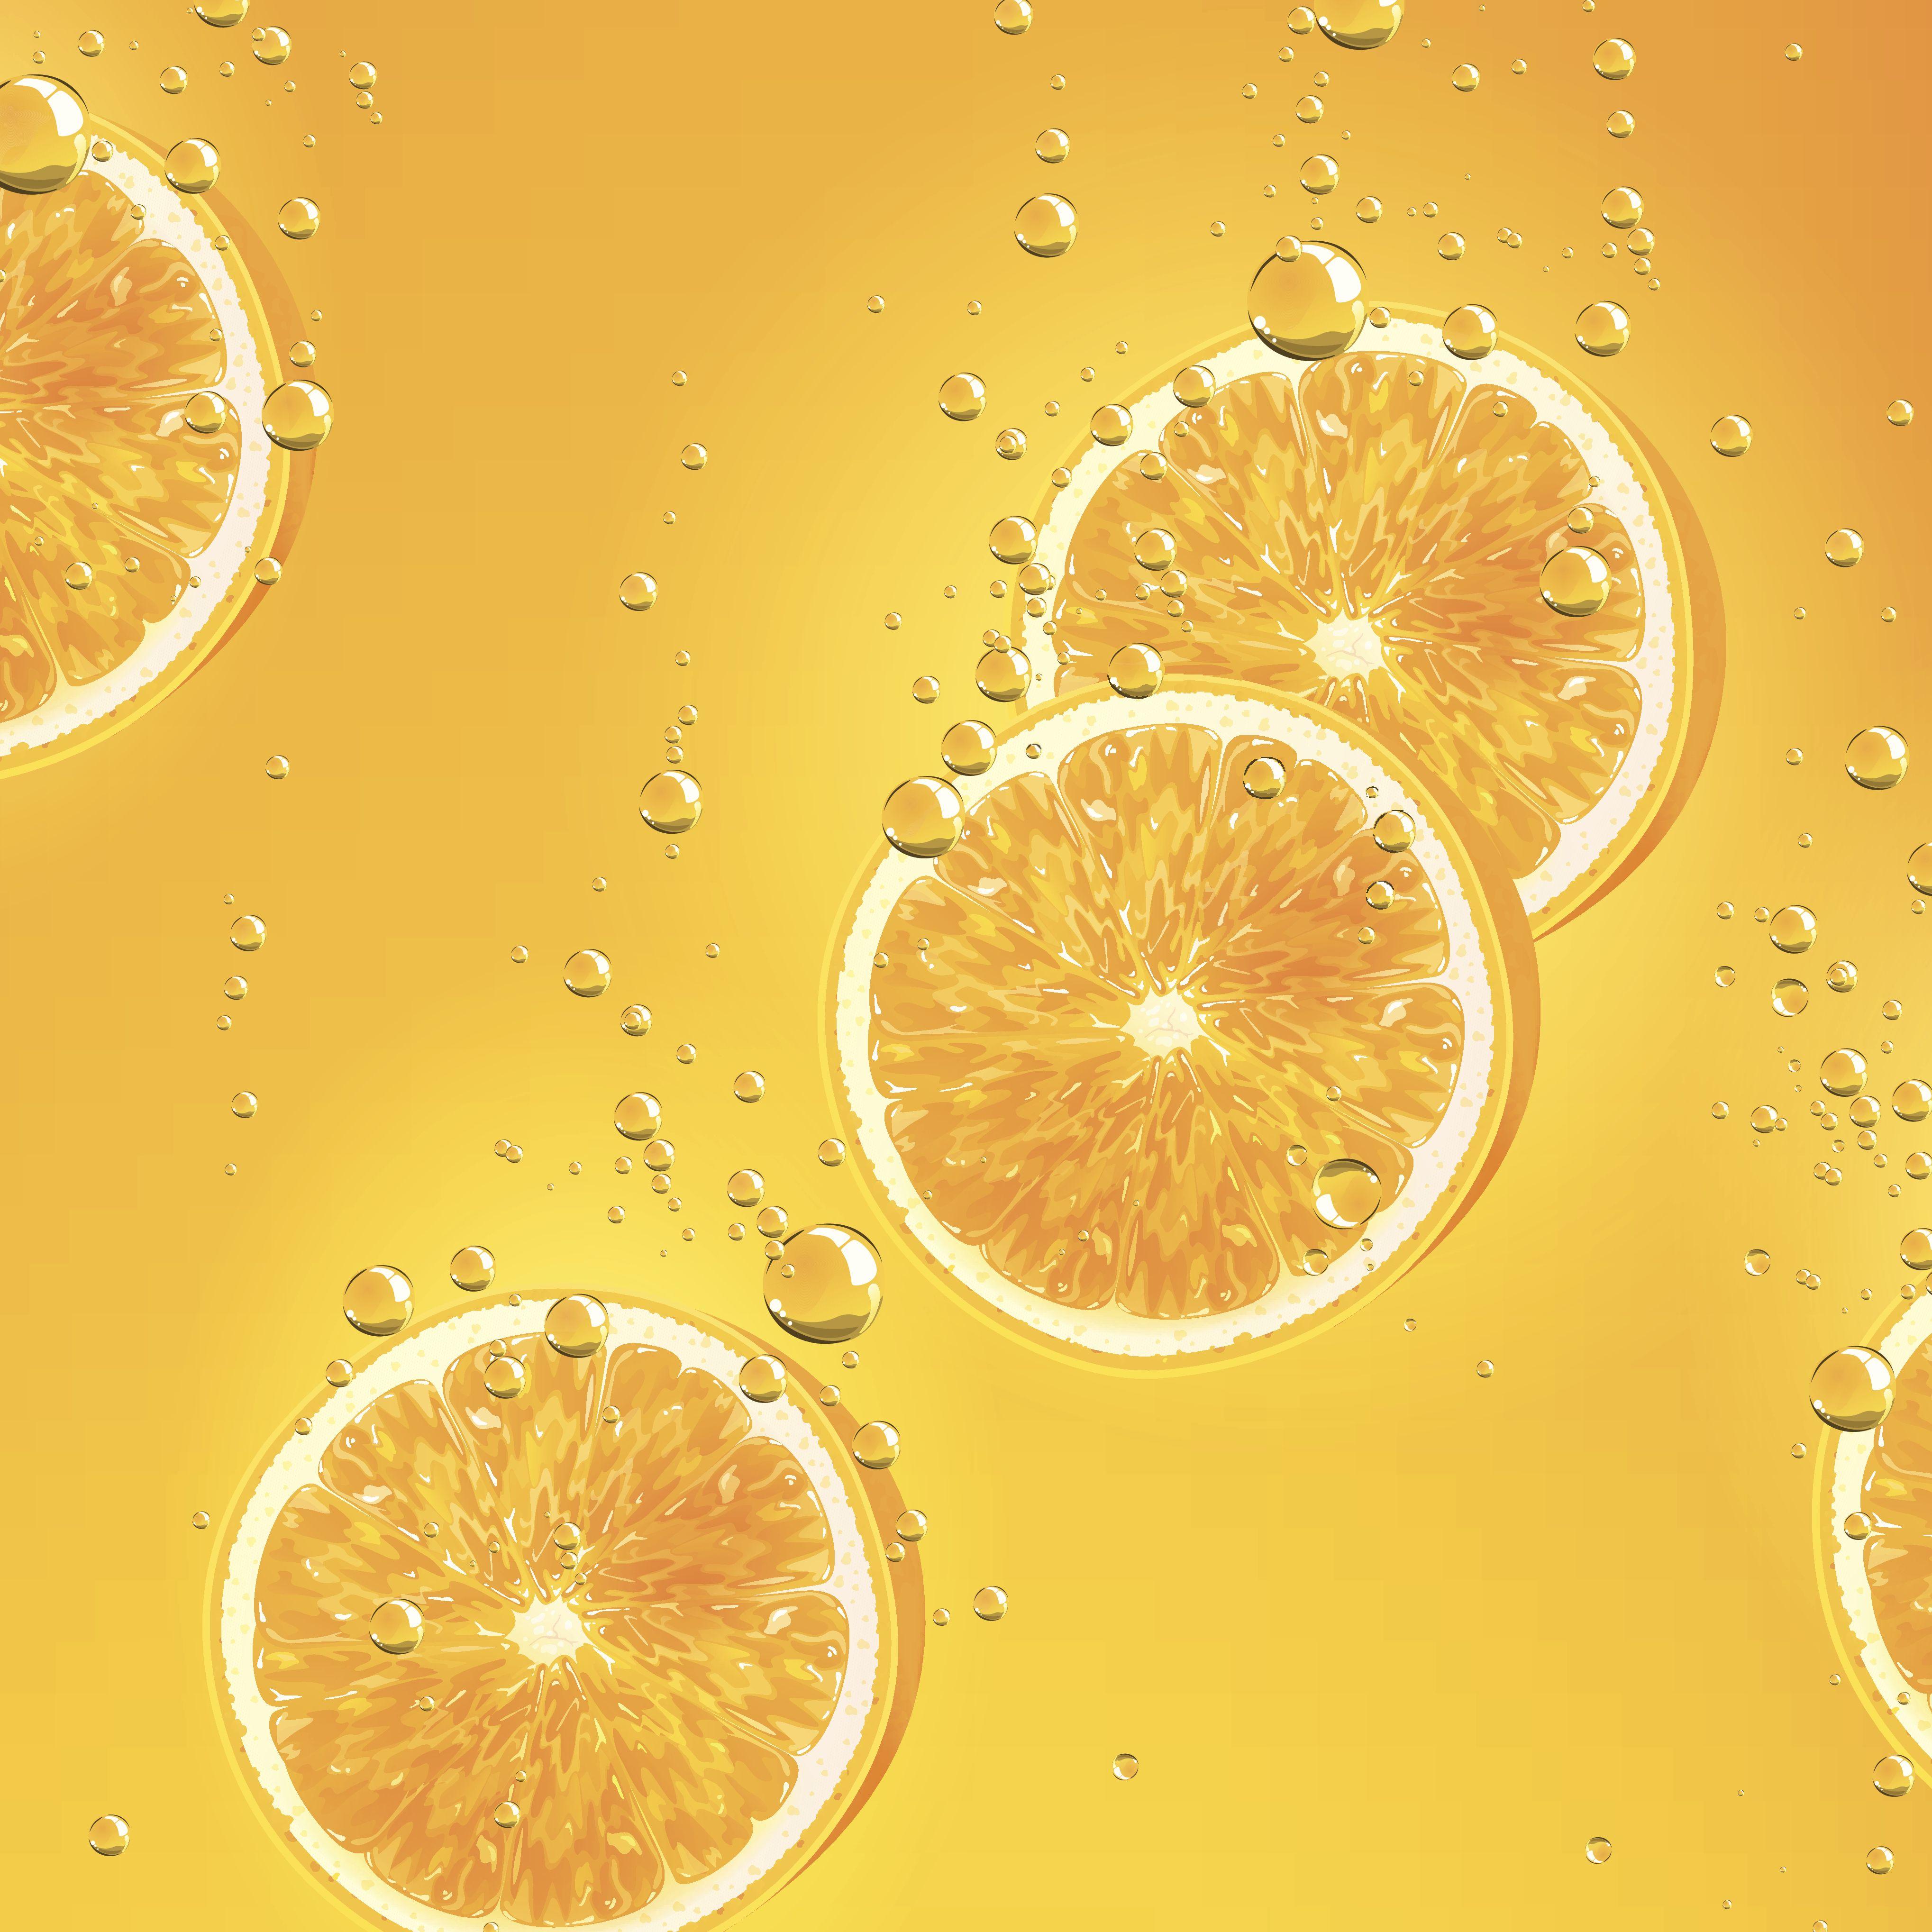 Sliced oranges!